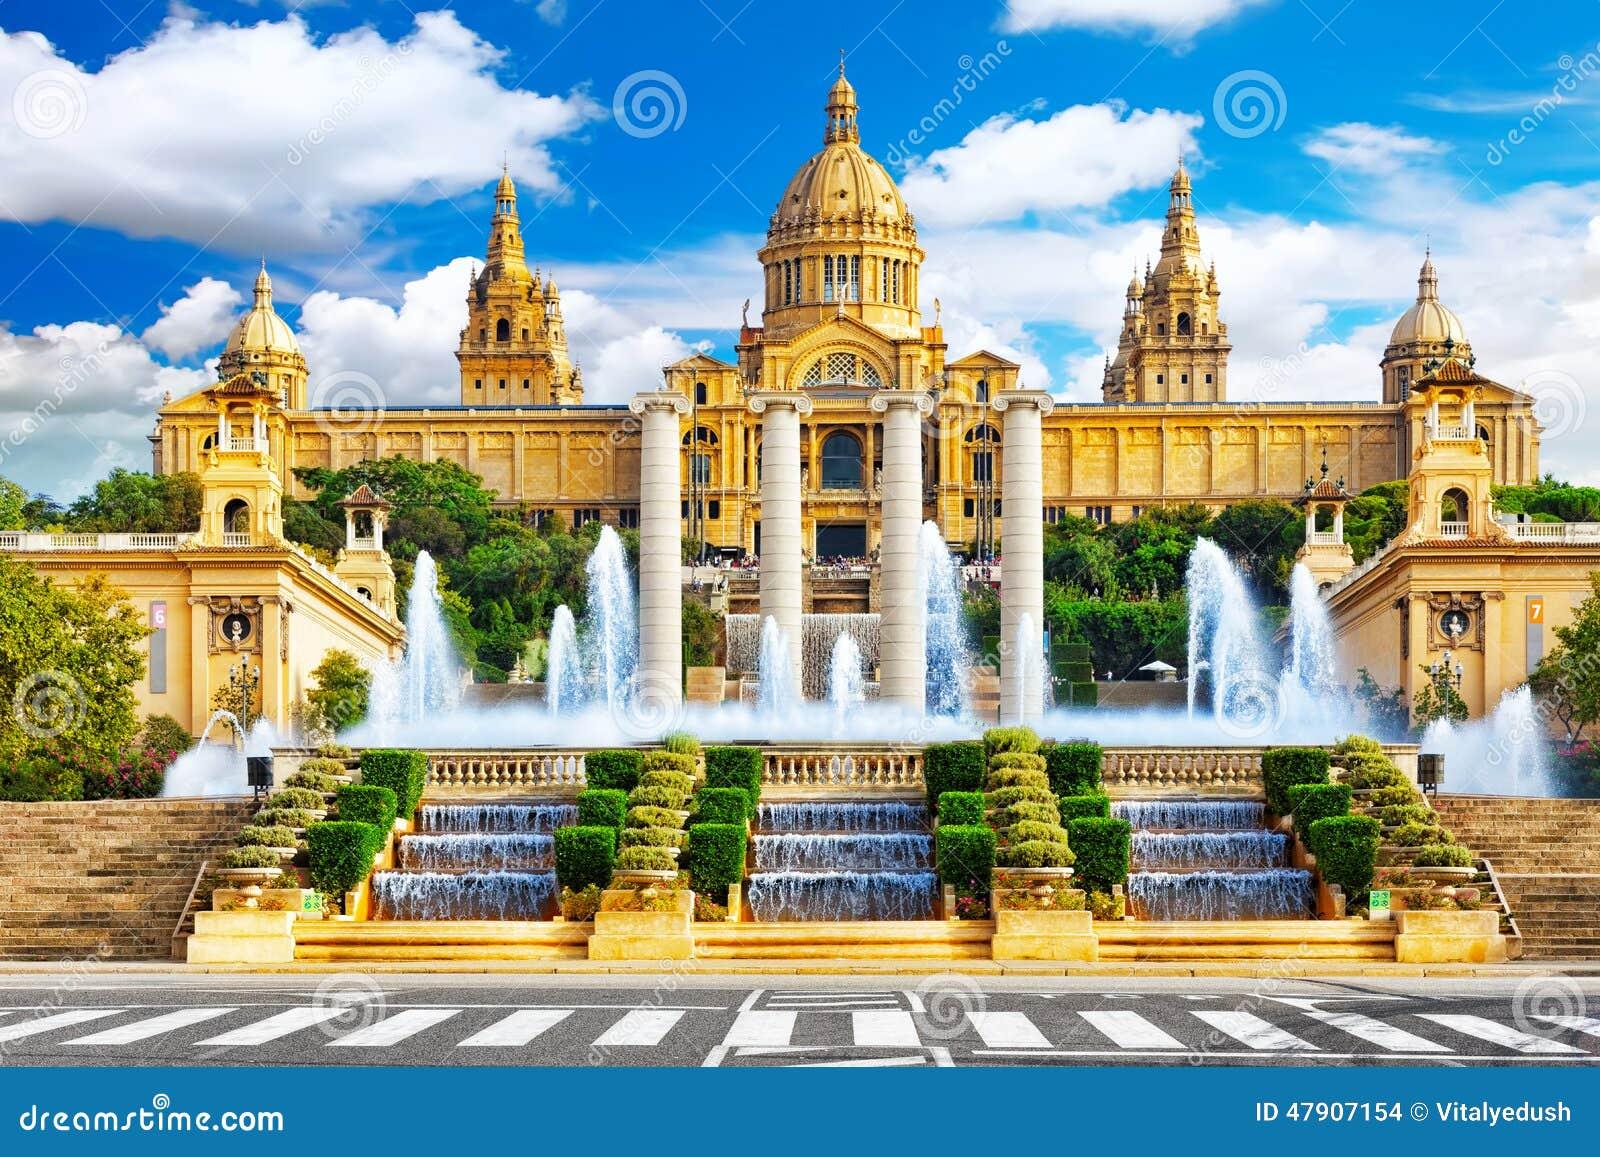 Nationaal Museum in Barcelona